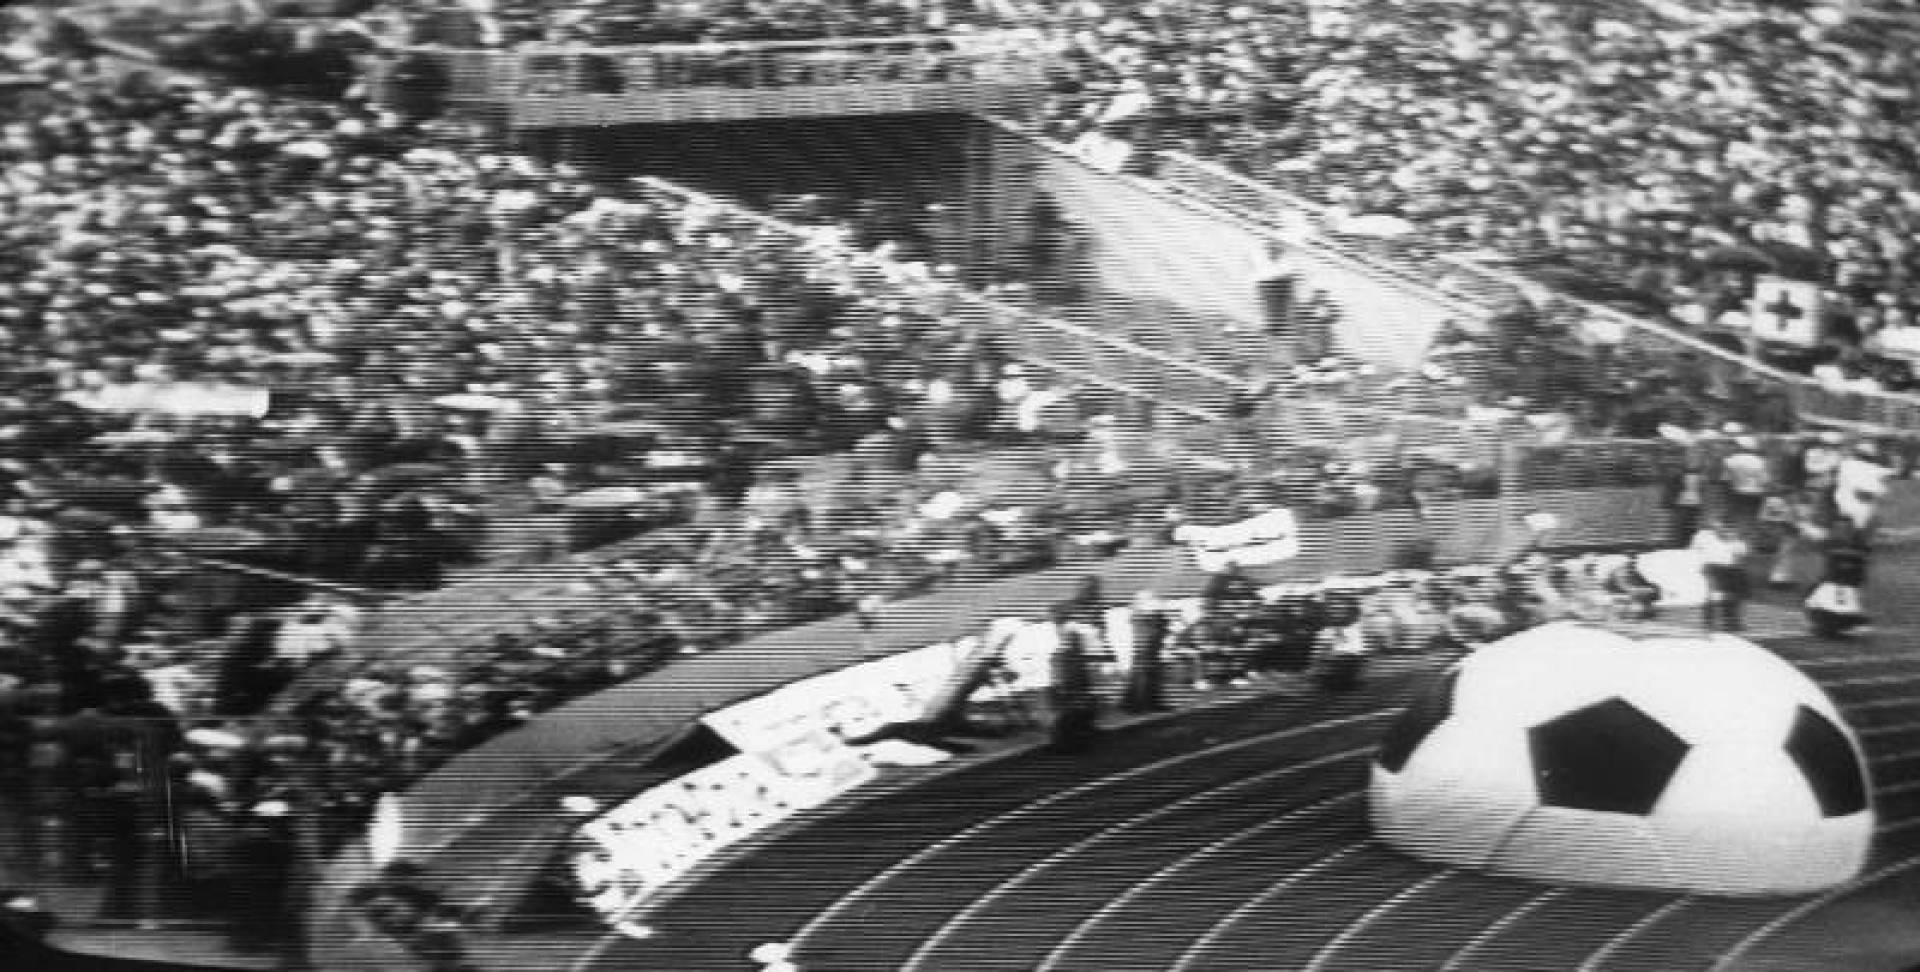 1974| افتتاح بطولة كأس العالم العاشرة لكرة القدم في ألمانيا الغربية